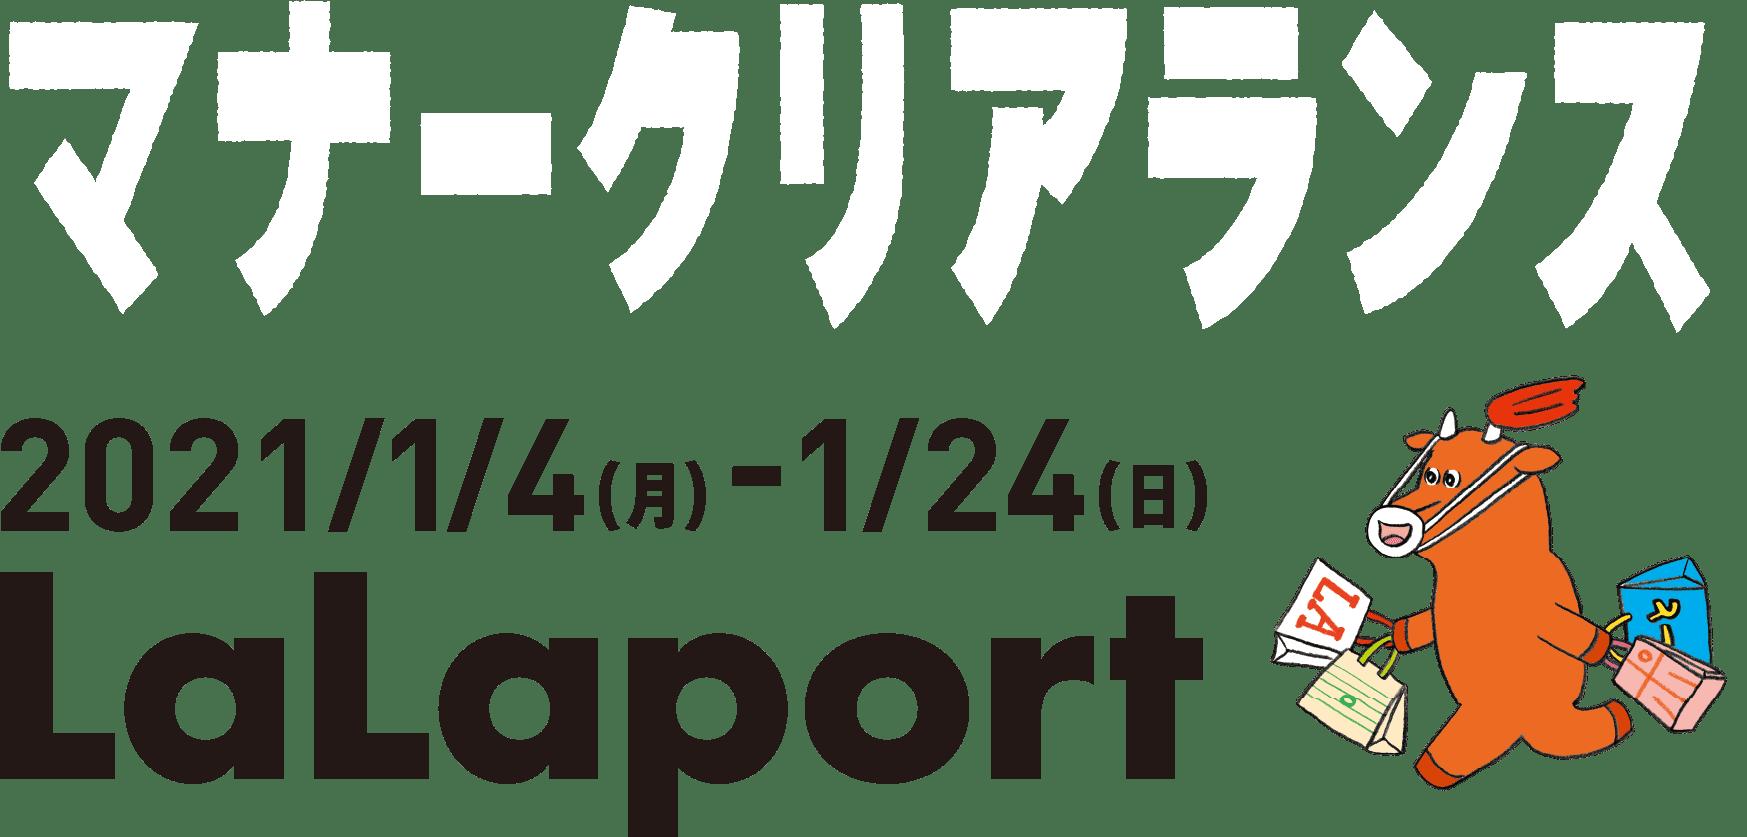 禮儀間隙2021/1/4(星期一)-1/24(星期日)LaLaport